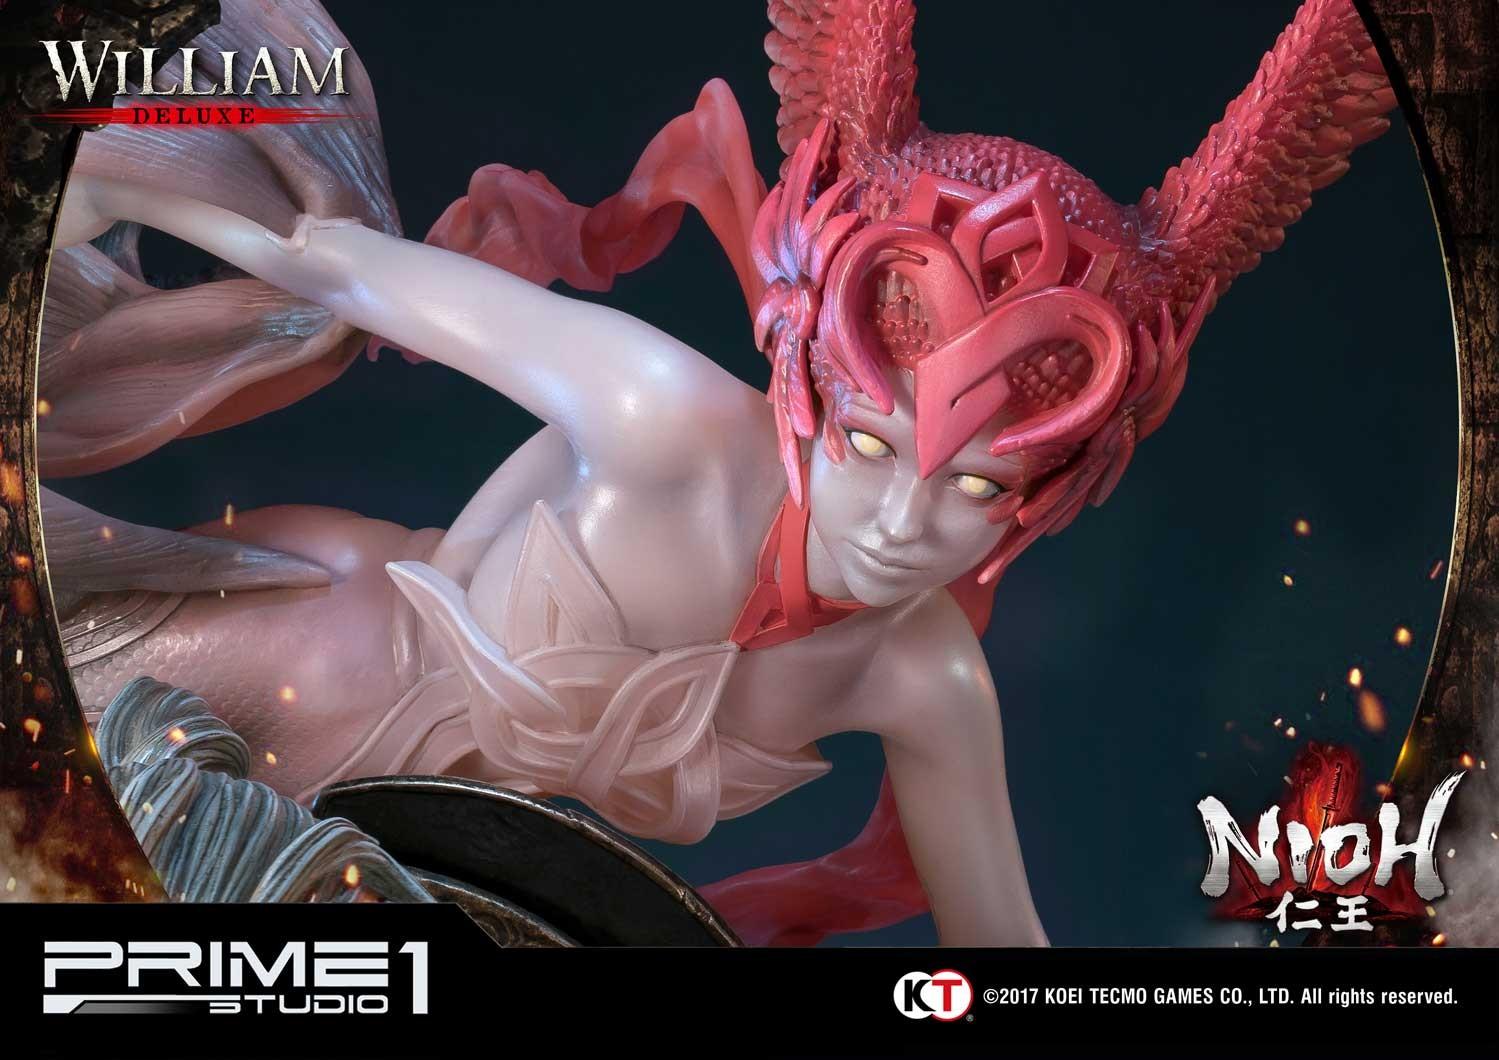 William Nioh Prime 1 Studio